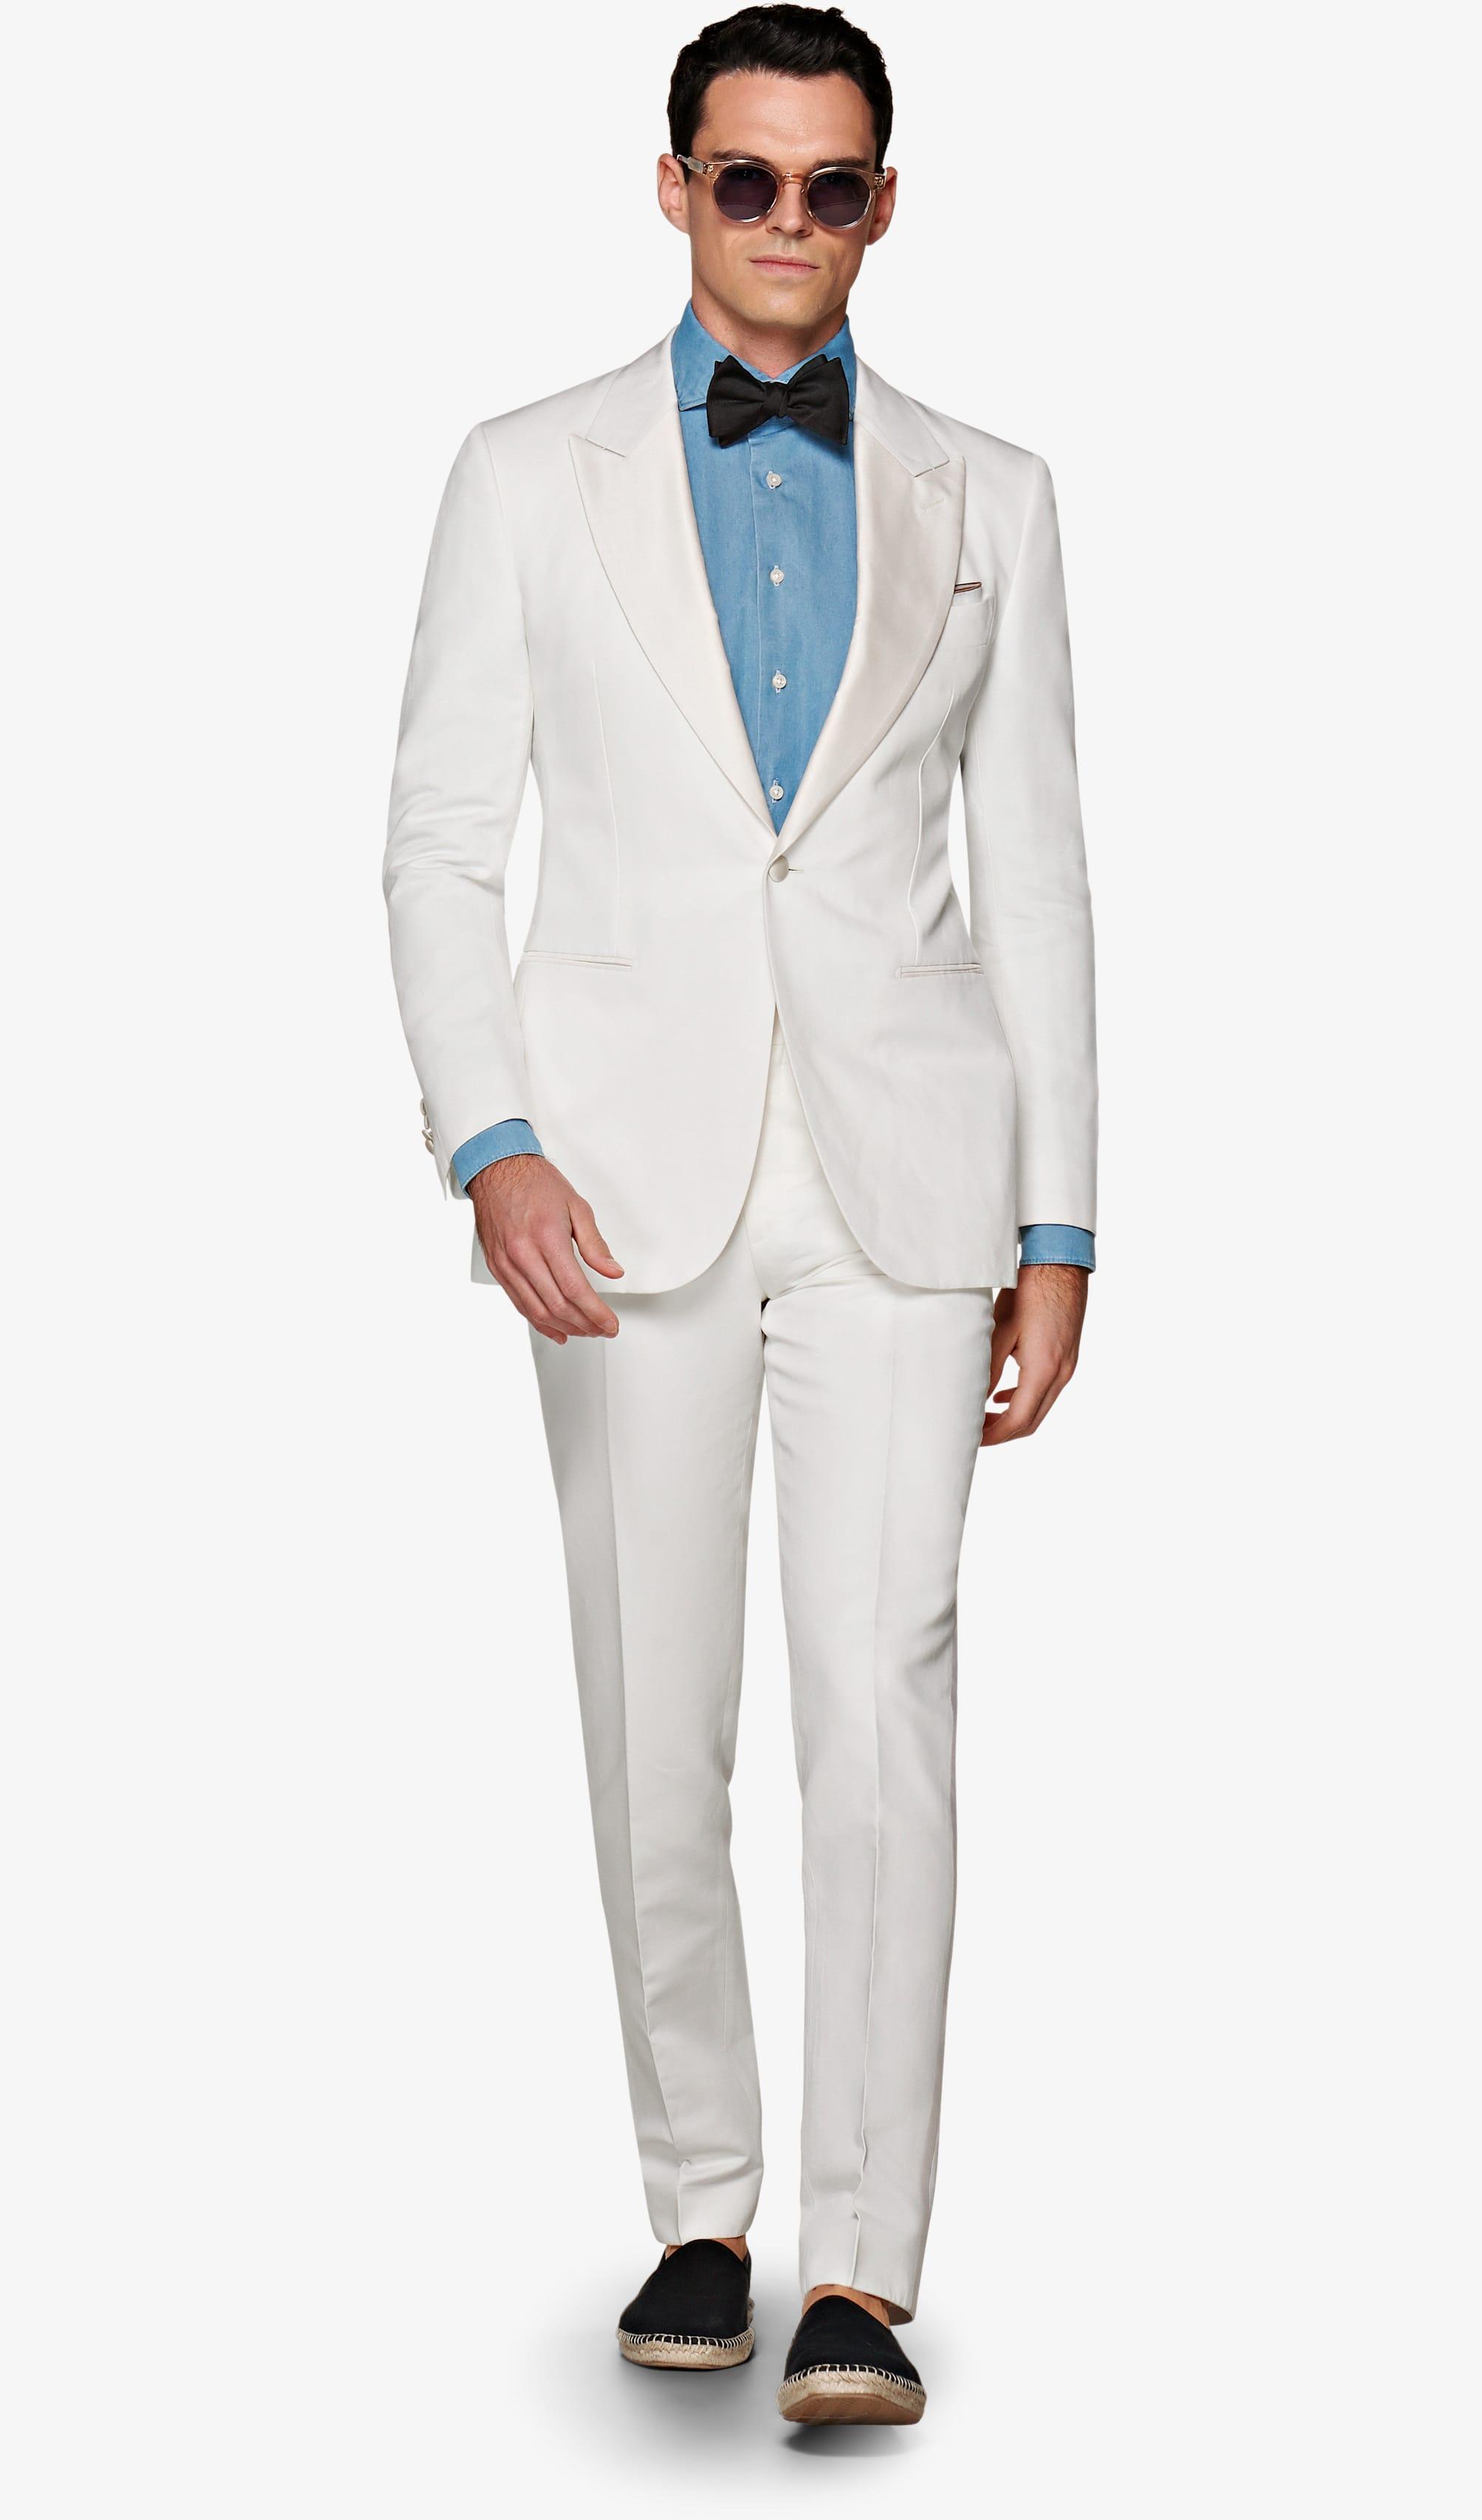 Jacket_Off_White_Plain_Lazio_C1351I